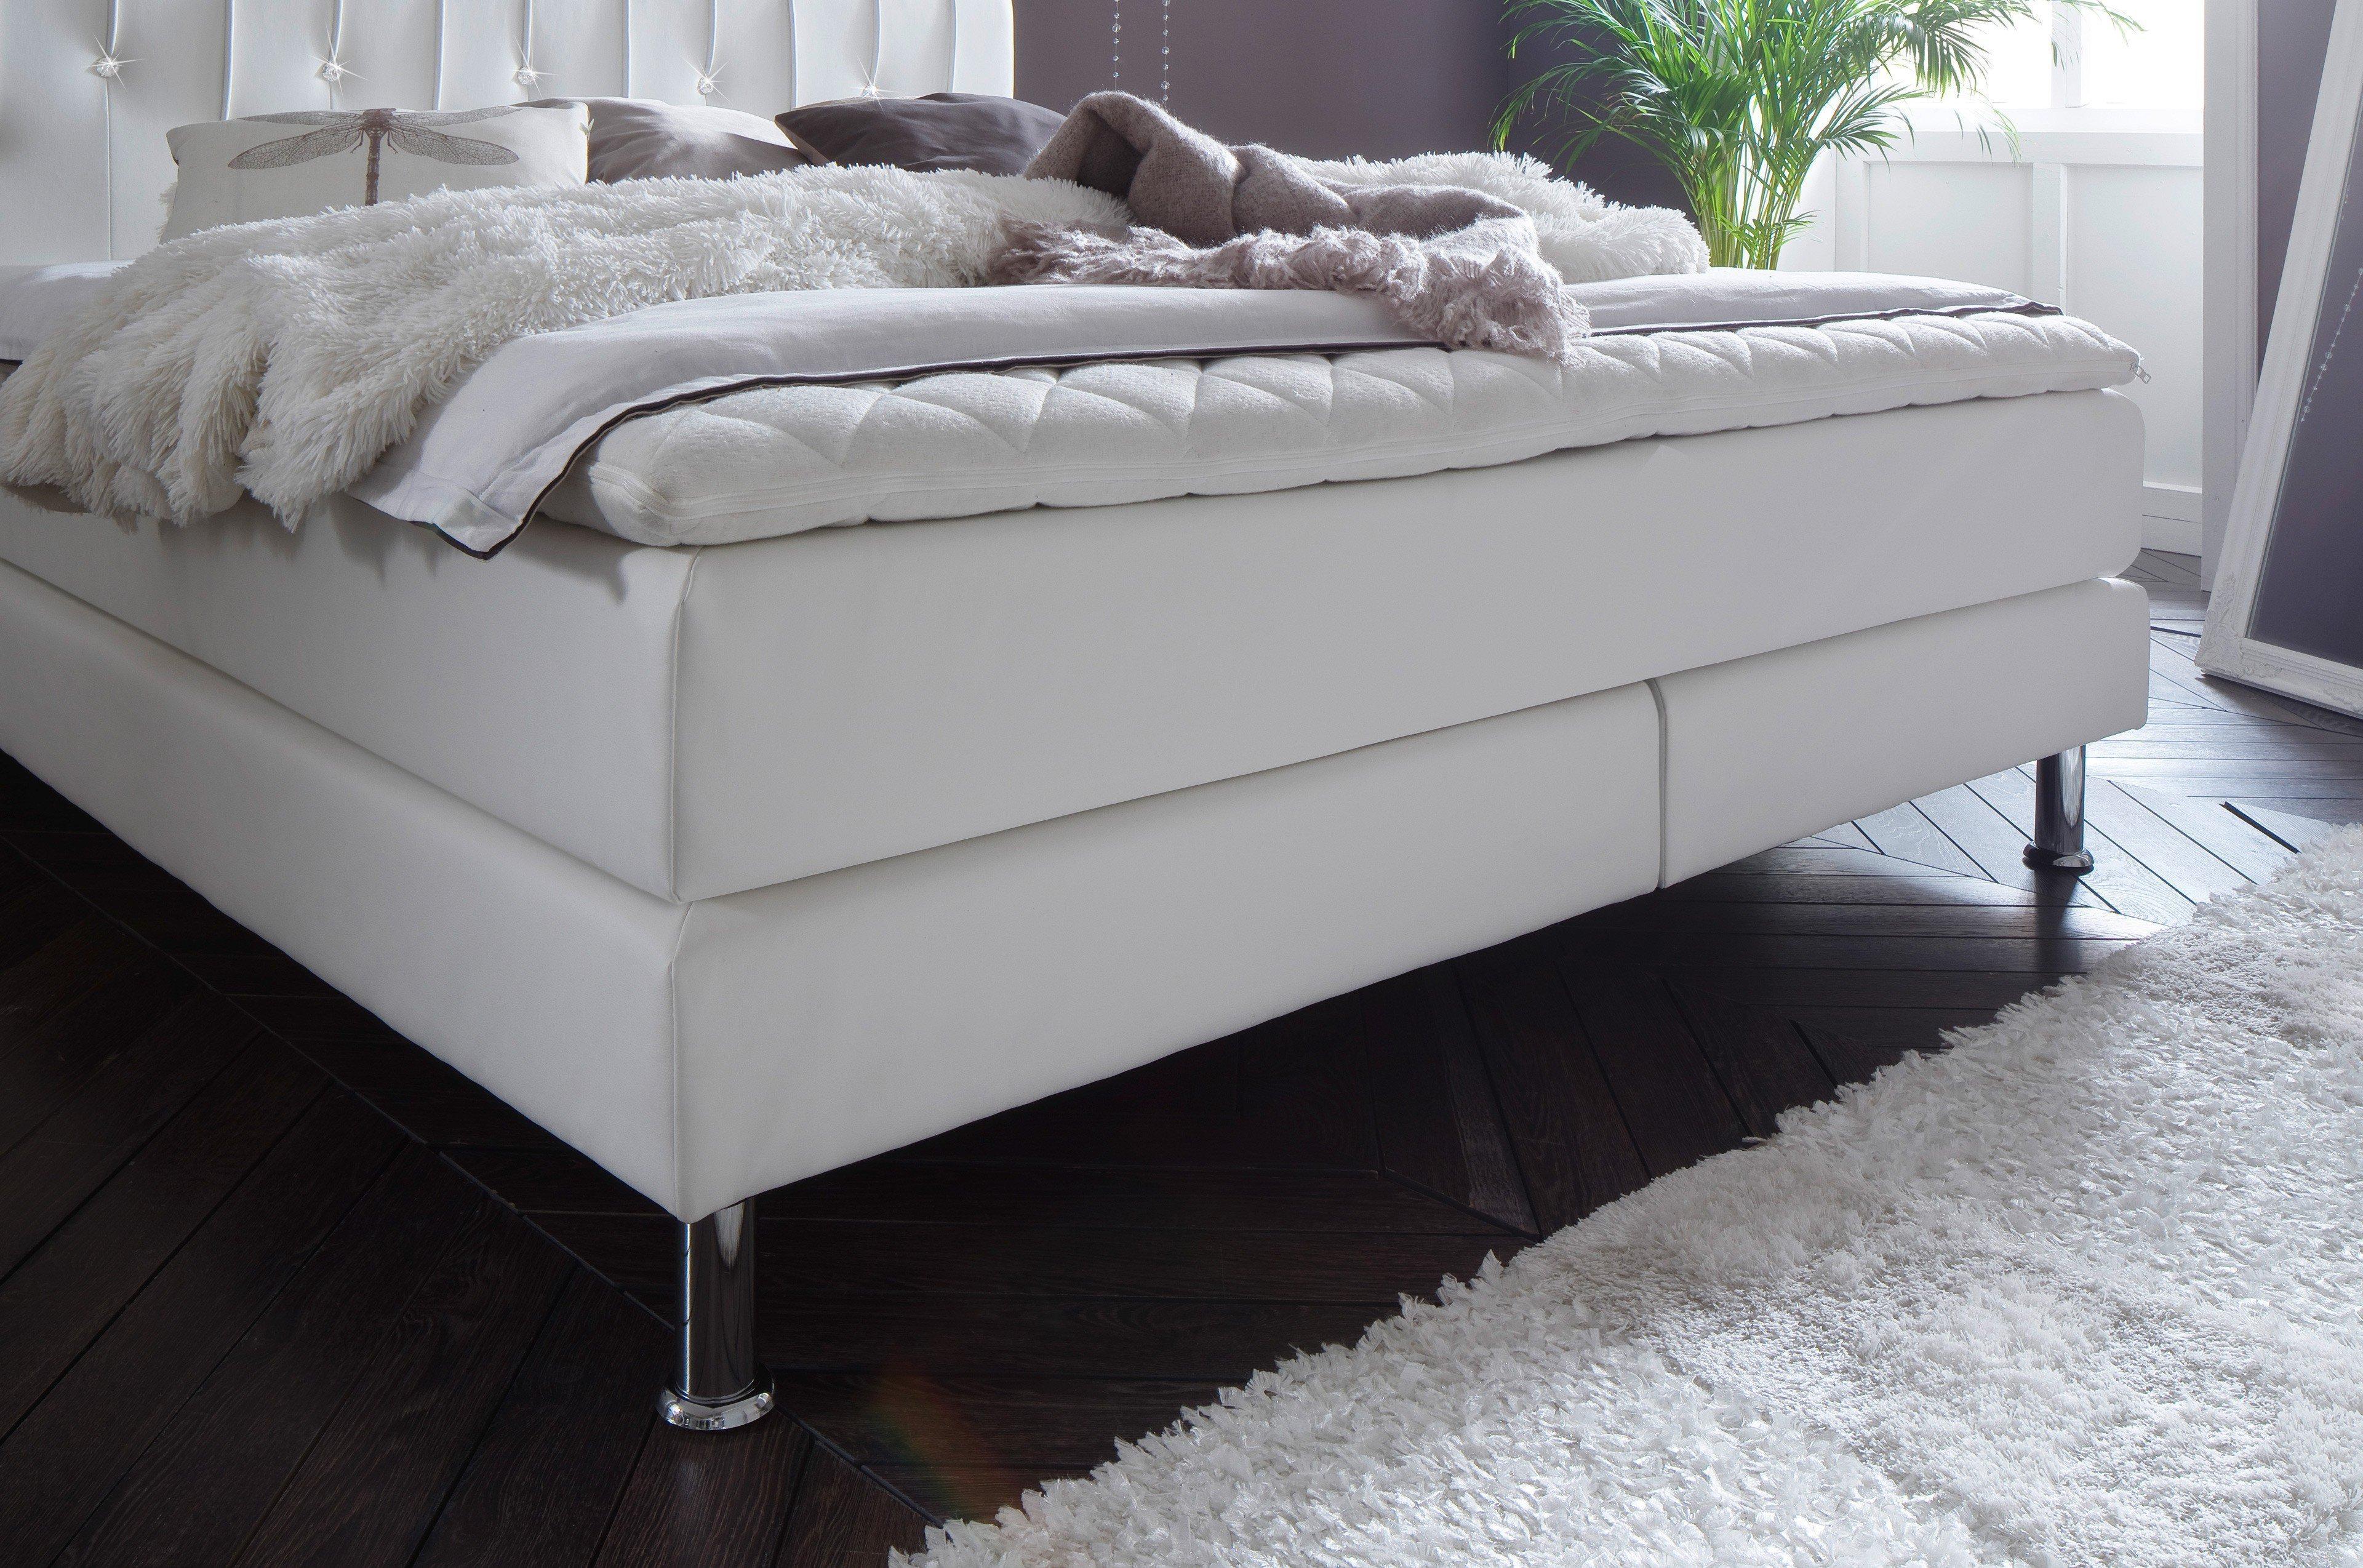 meise boxspringbett meteor in wei mit swarovski kristallen m bel letz ihr online shop. Black Bedroom Furniture Sets. Home Design Ideas